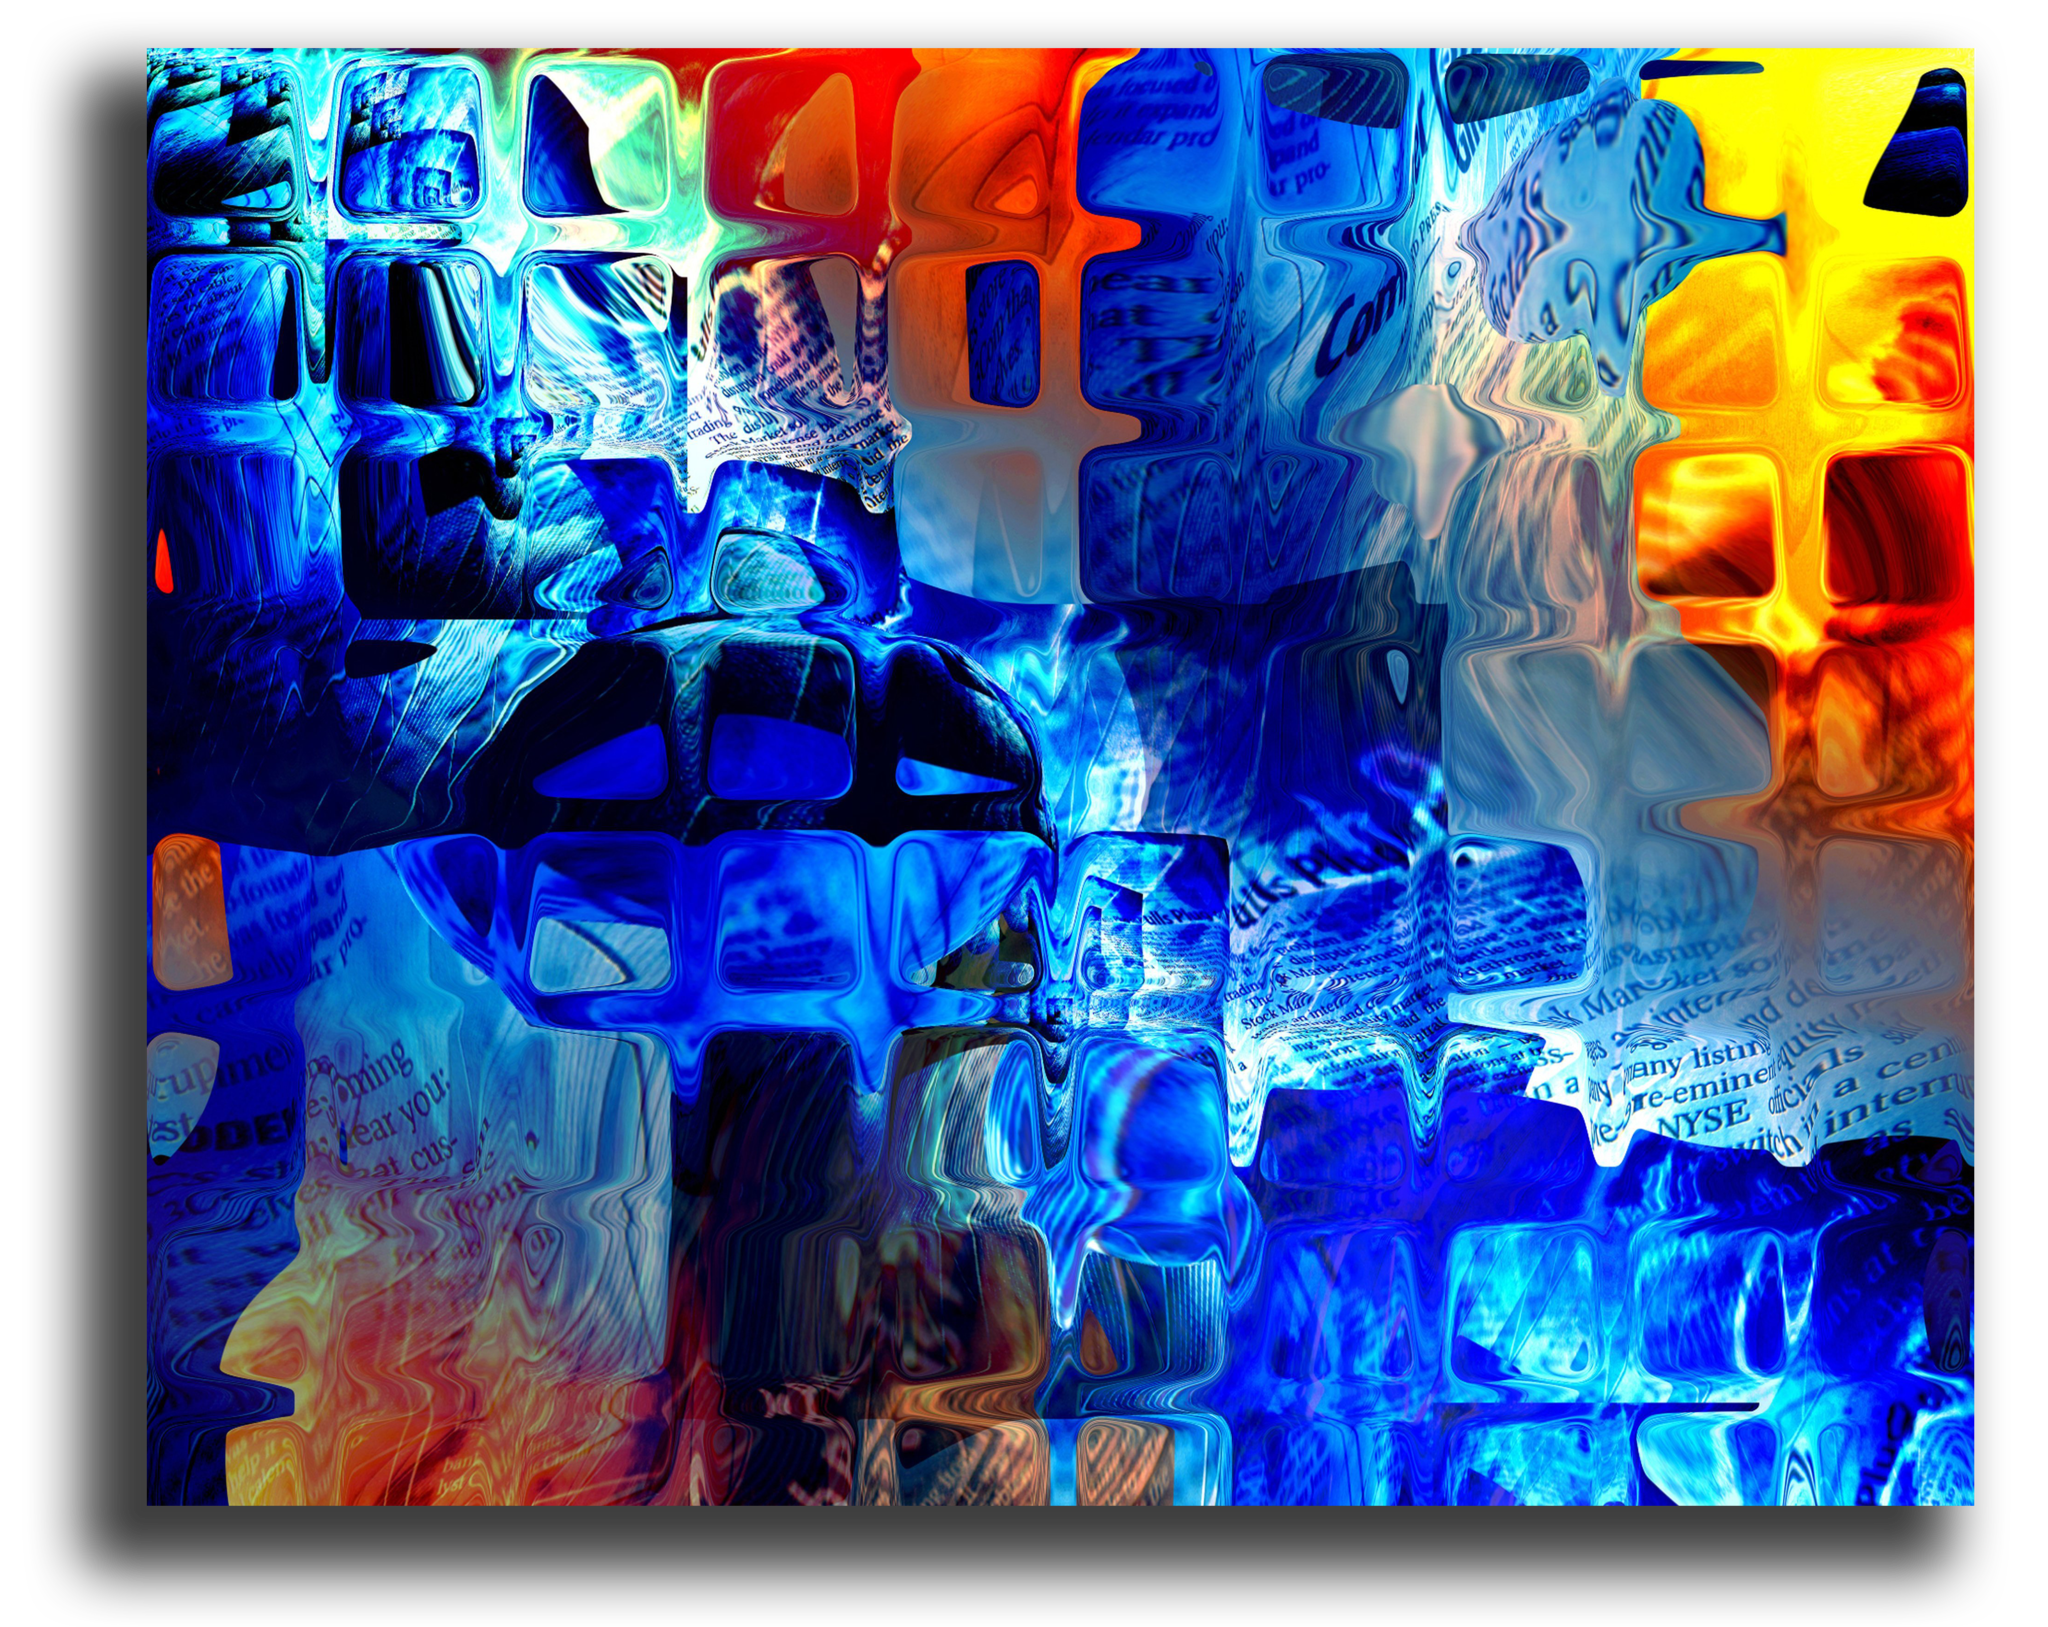 """Абстракция Постер """"Абстрактное стекло"""" п152.png"""